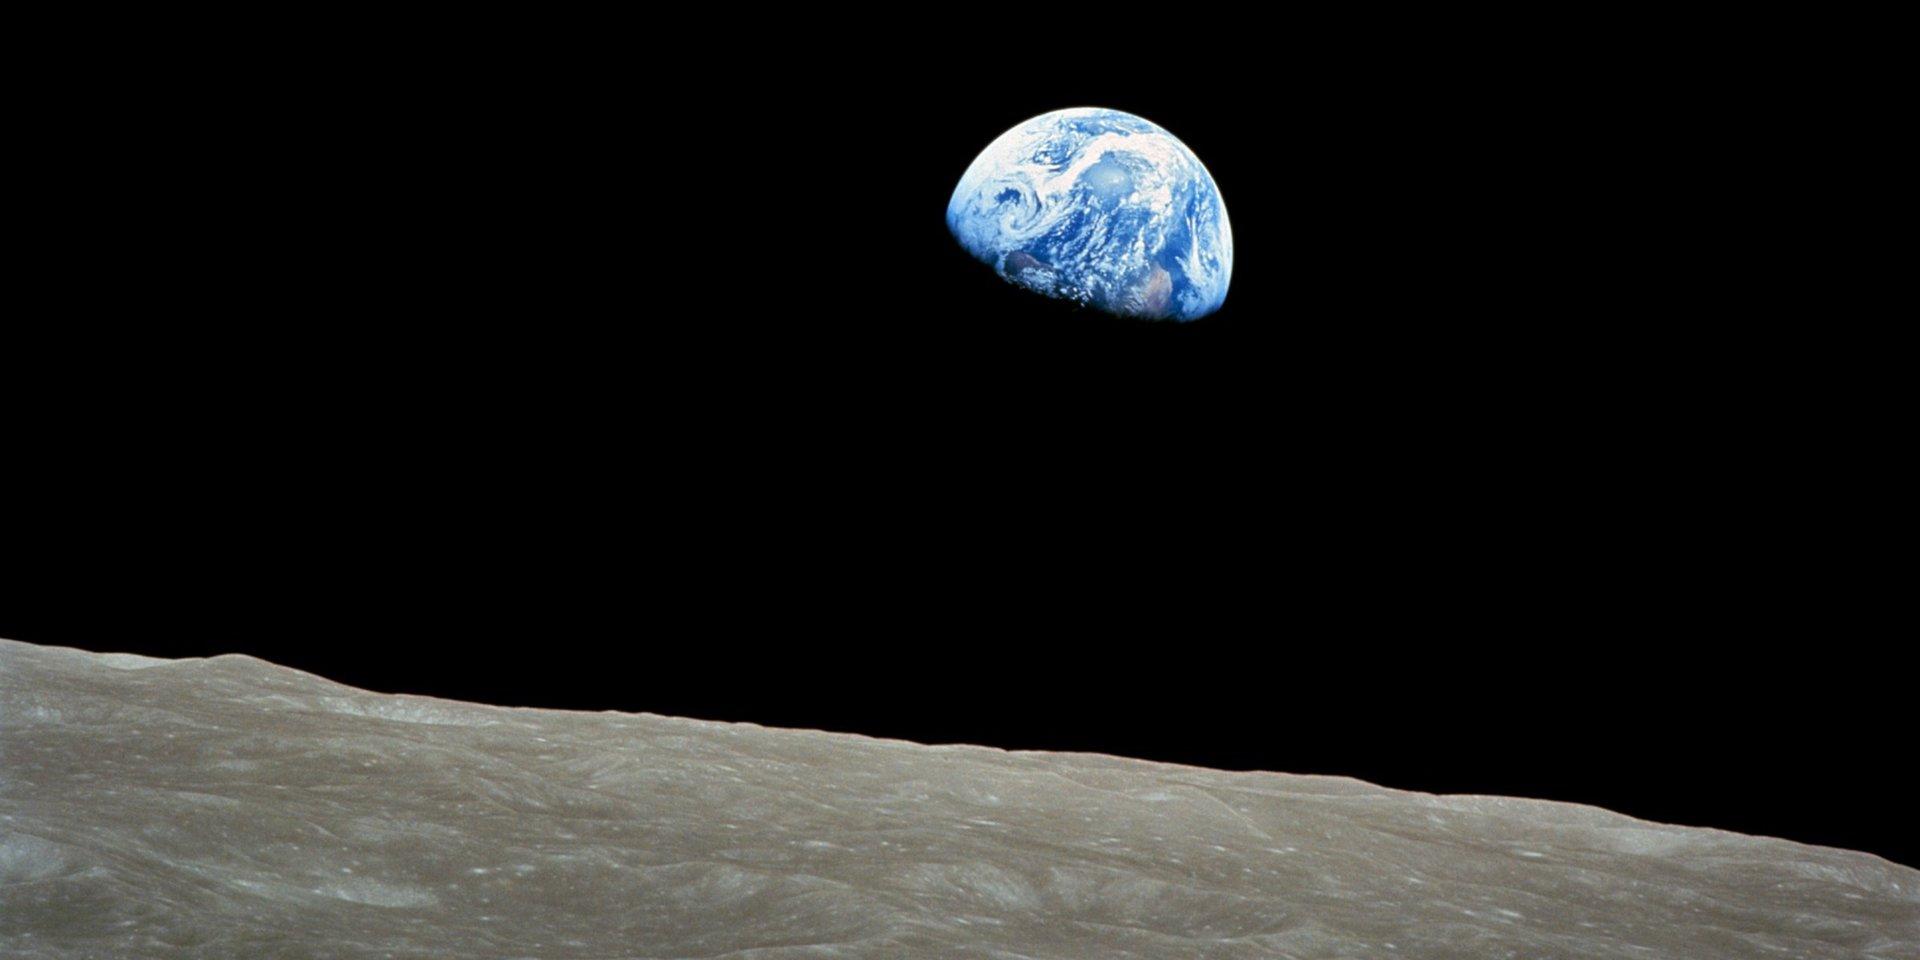 """Câu chuyện thú vị về bức ảnh """"Trái Đất mọc"""" nổi tiếng vừa tròn 50 tuổi"""